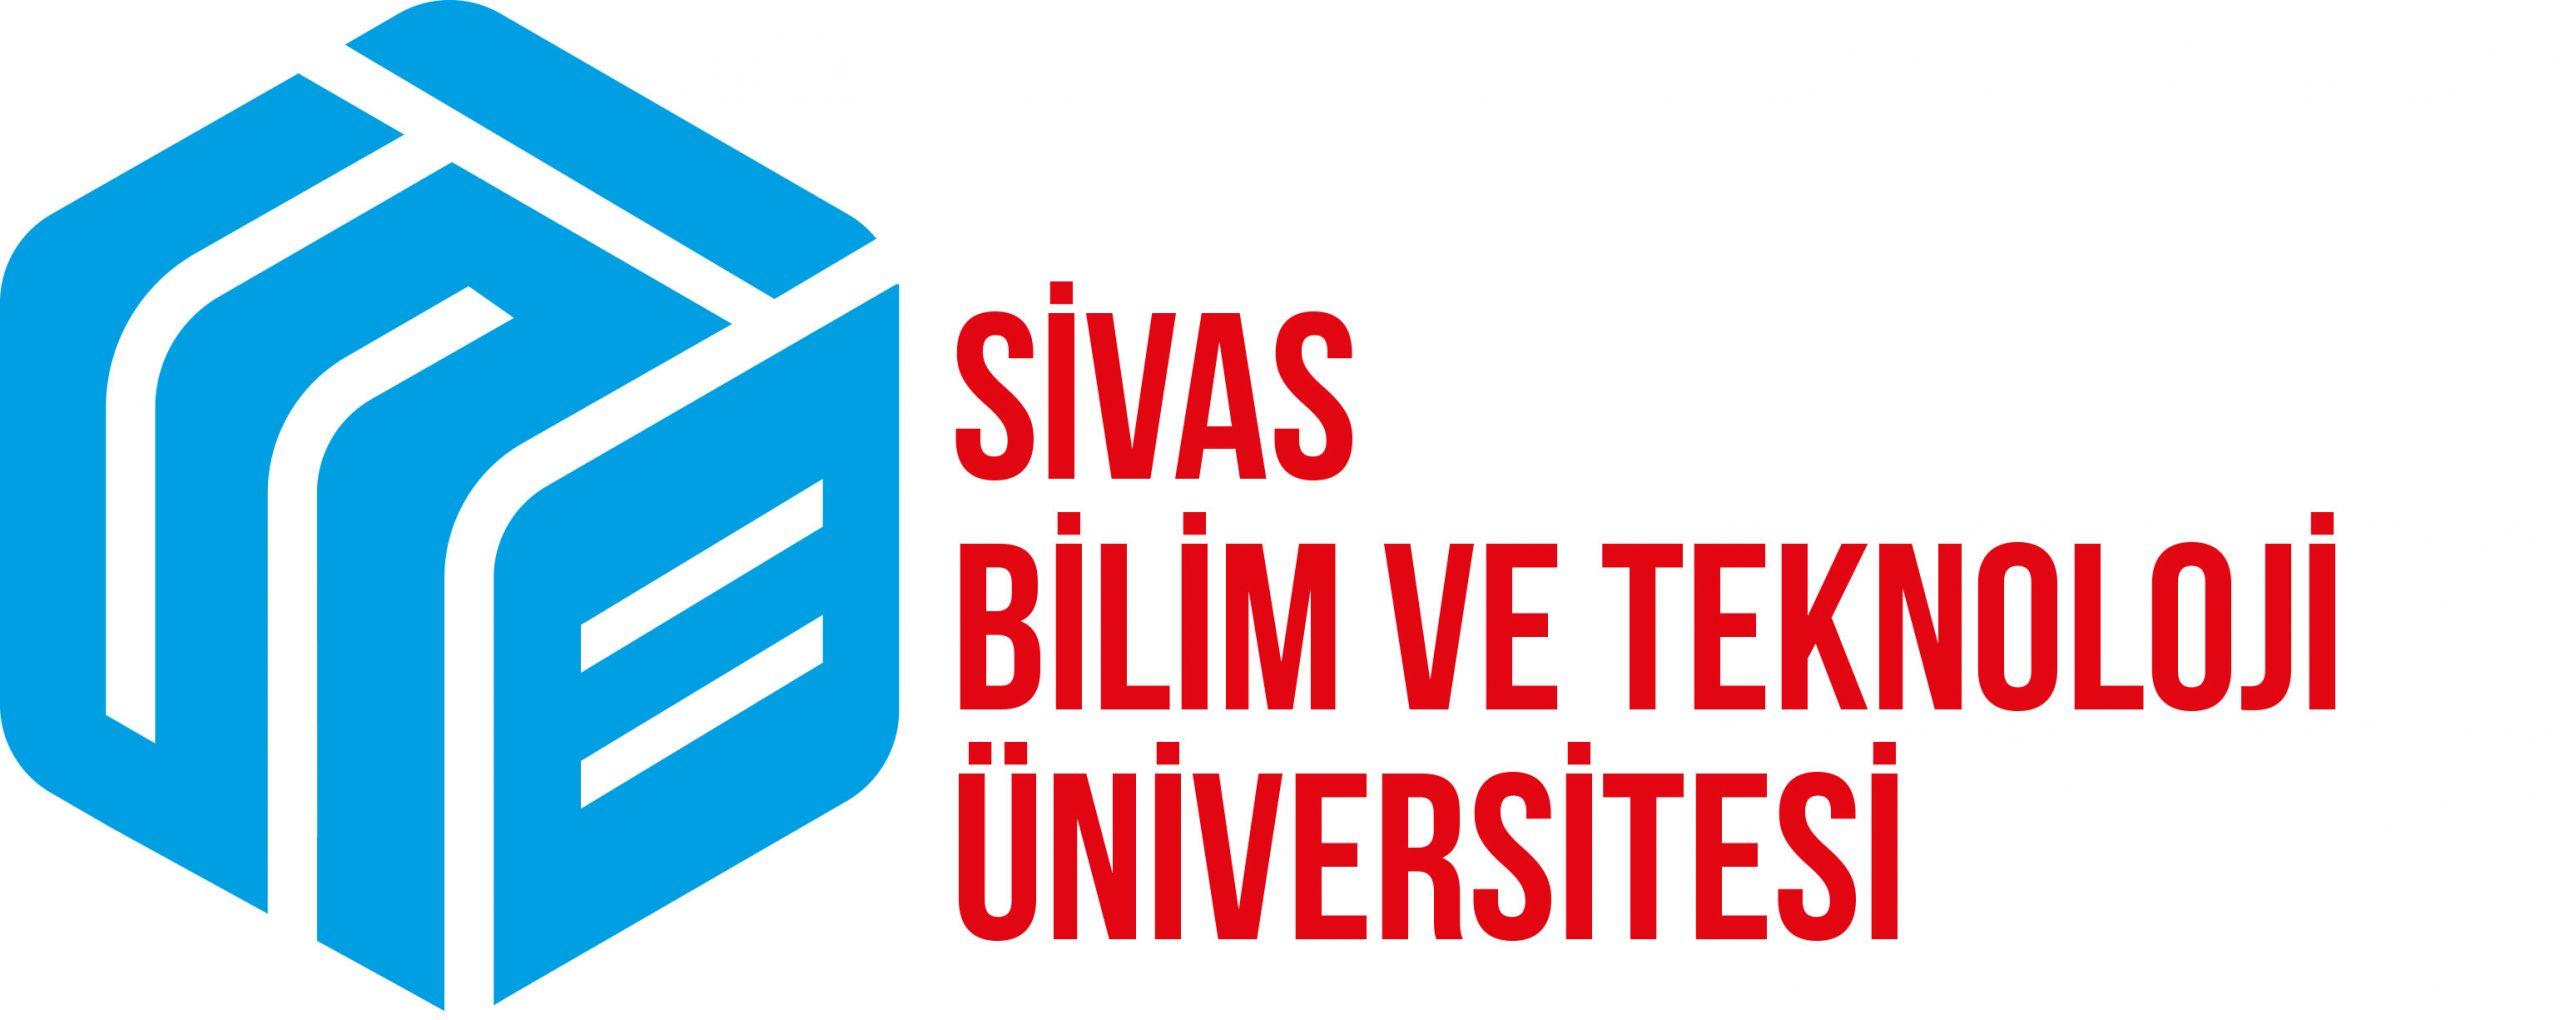 Sivas Bilim ve Teknoloji Üniversitesi tyj